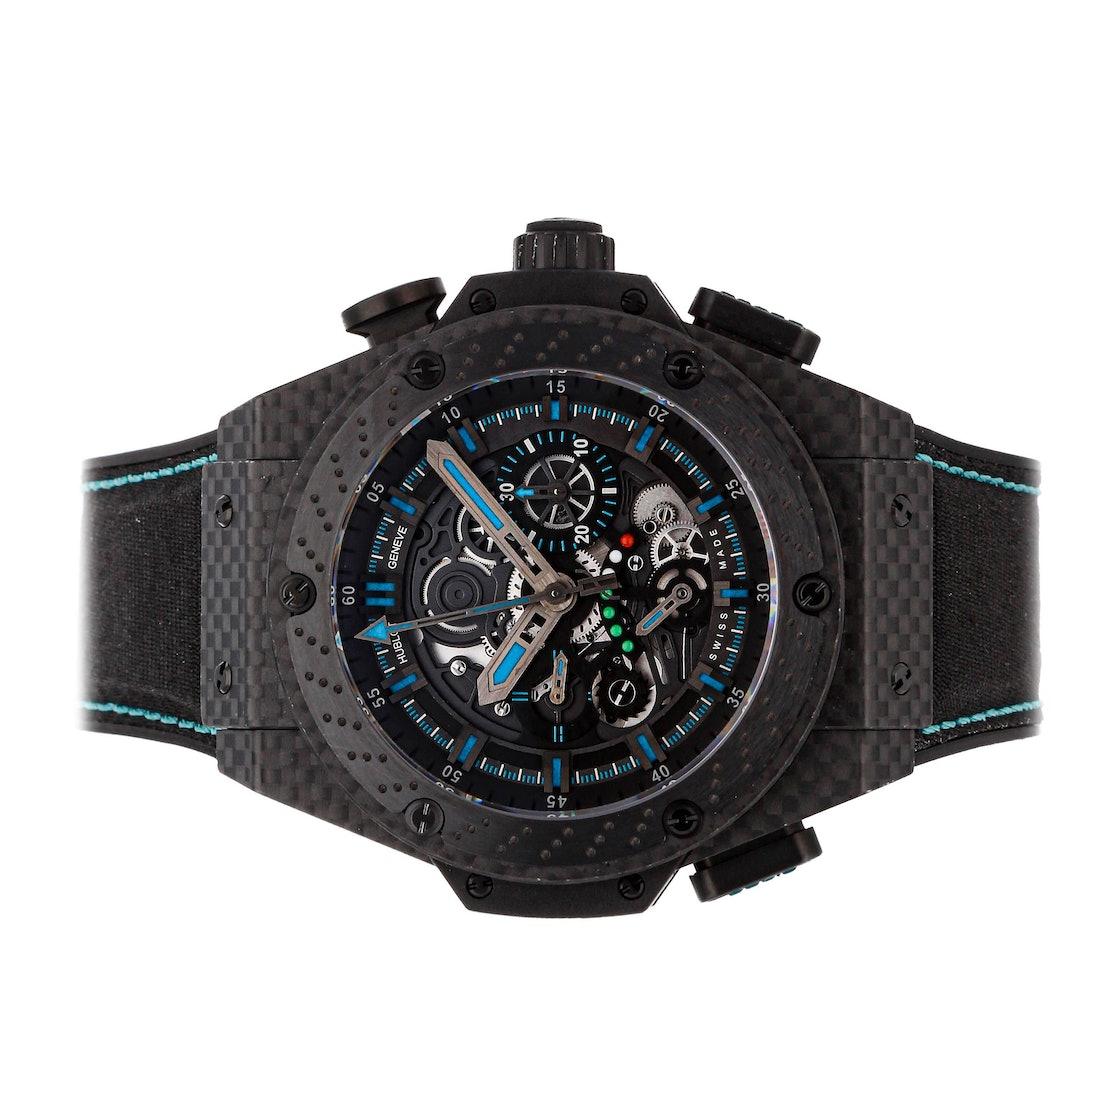 Hublot King Power F1 Abu Dhabi Limited Edition 719.QM.1729.NR.FAD11